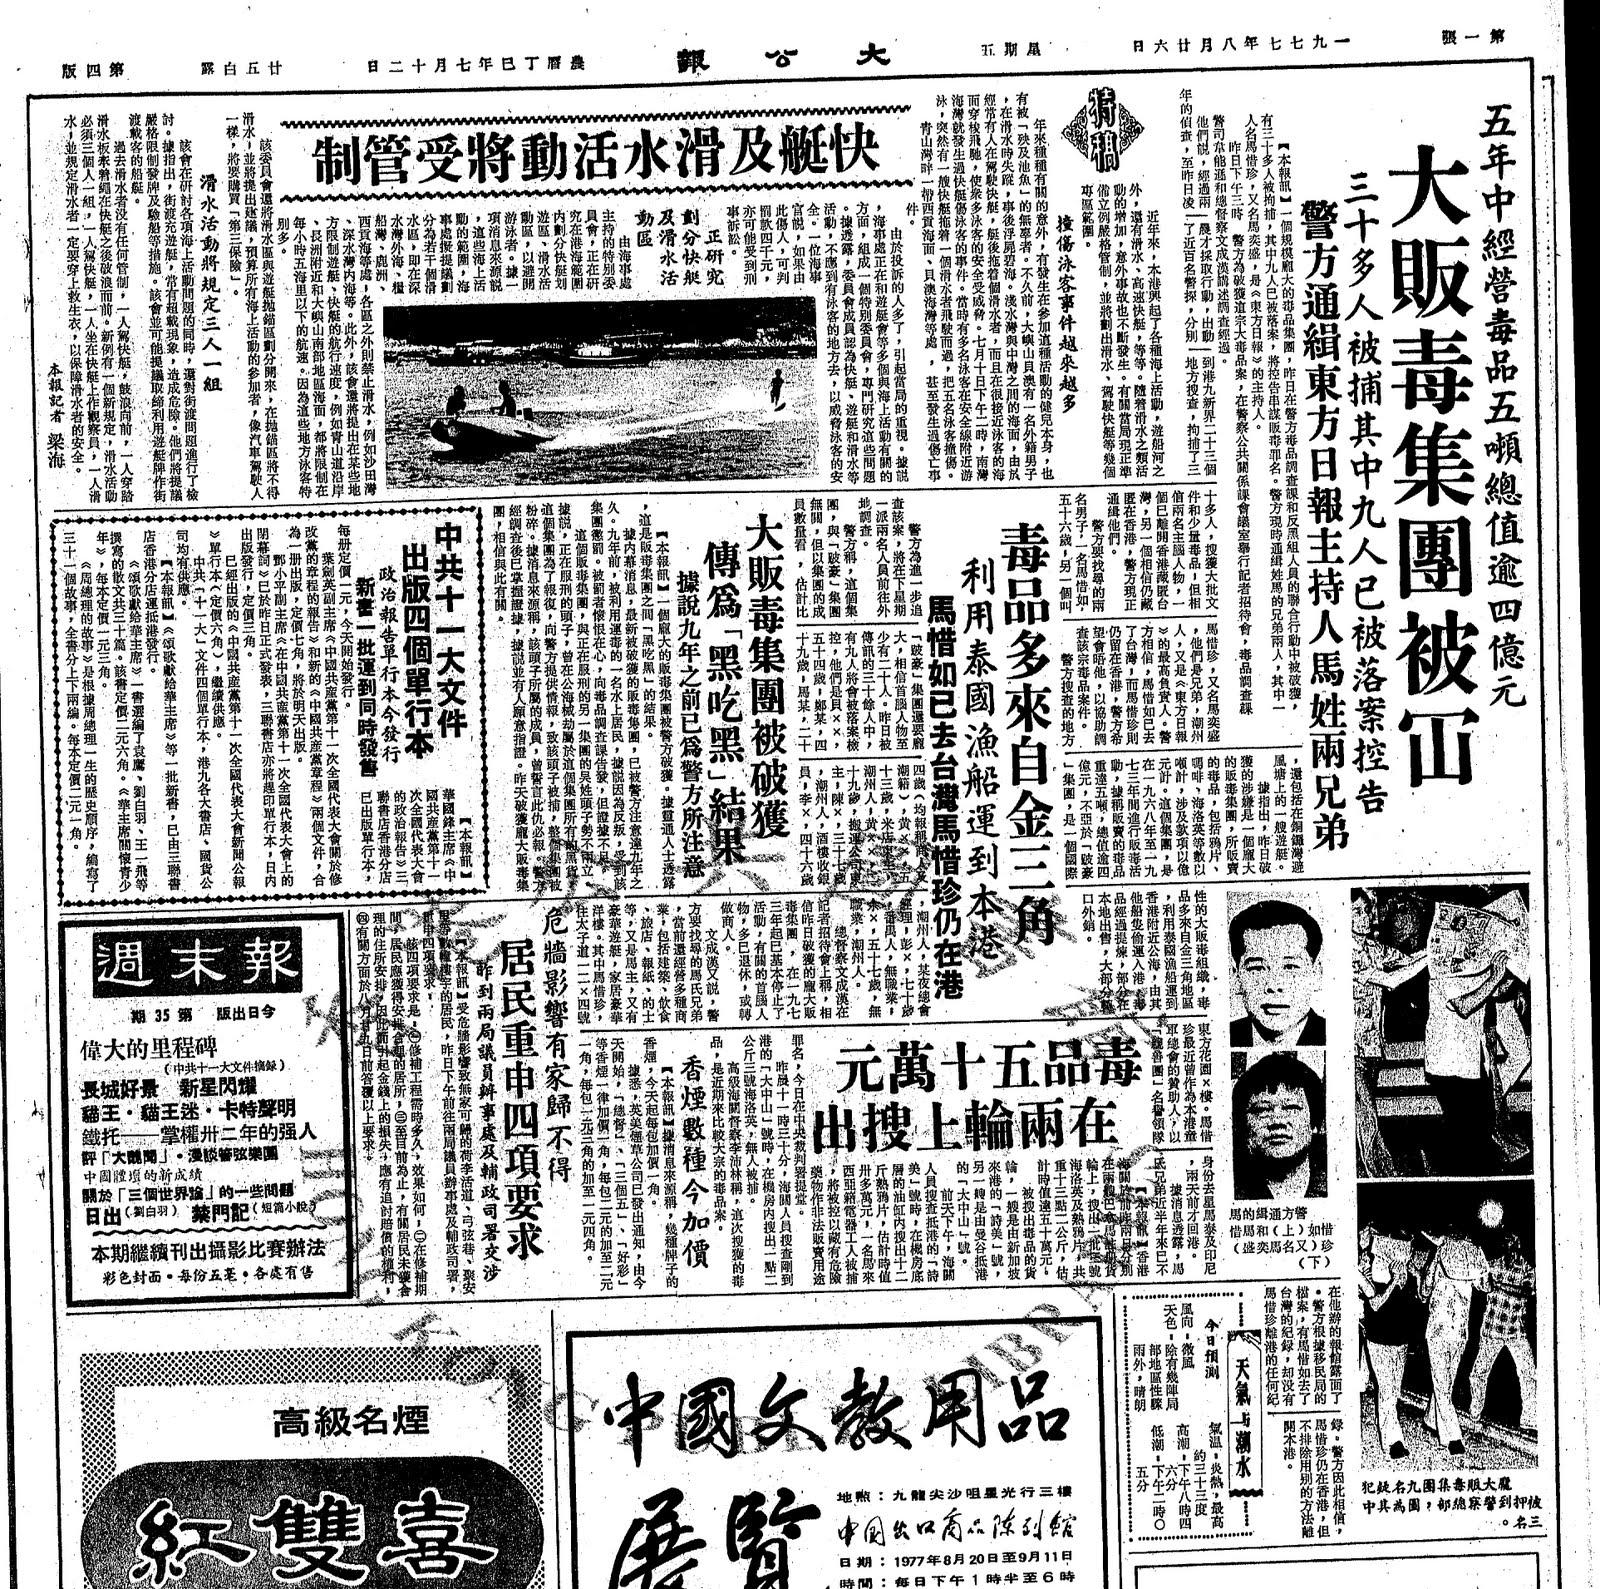 東方誹謗史實維謢會: 歷史資料:舊報紙